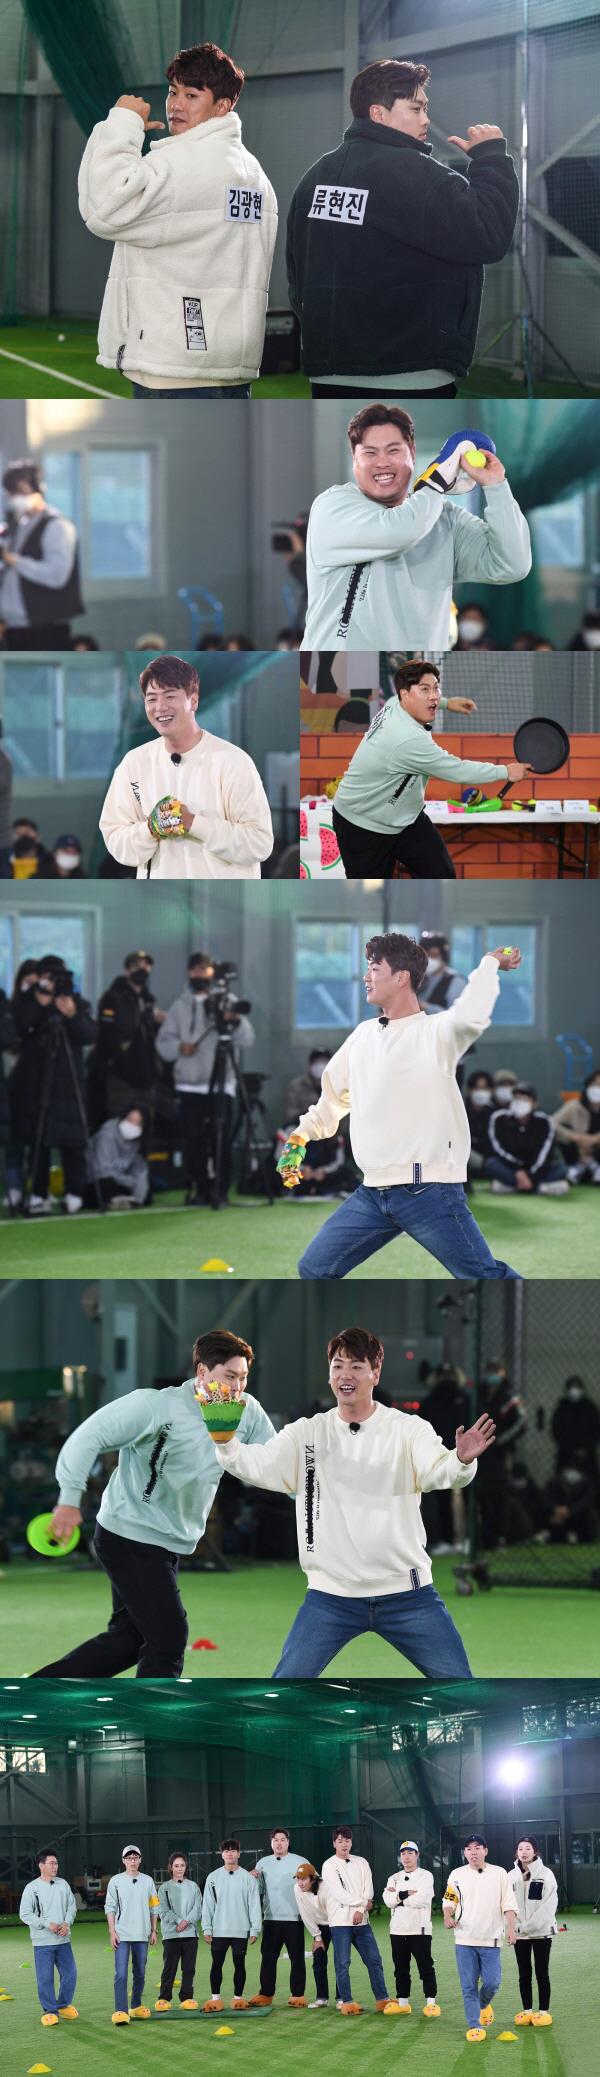 '런닝맨' 류현진X김광현 격돌…역사에 남을 레전드 야구 경기 탄생